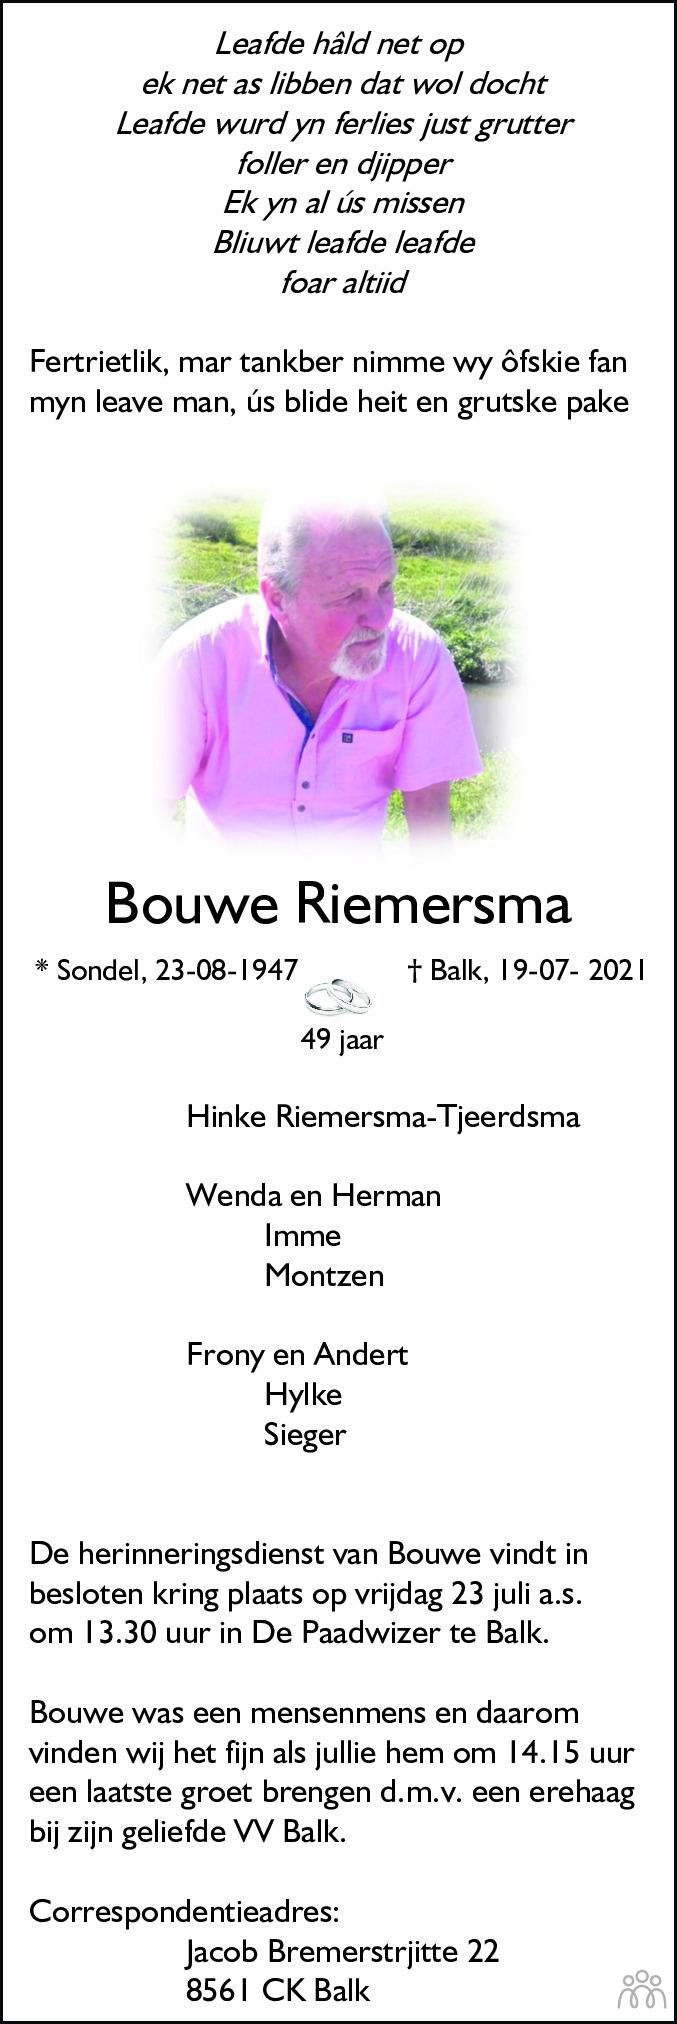 Overlijdensbericht van Bouwe Riemersma in Leeuwarder Courant